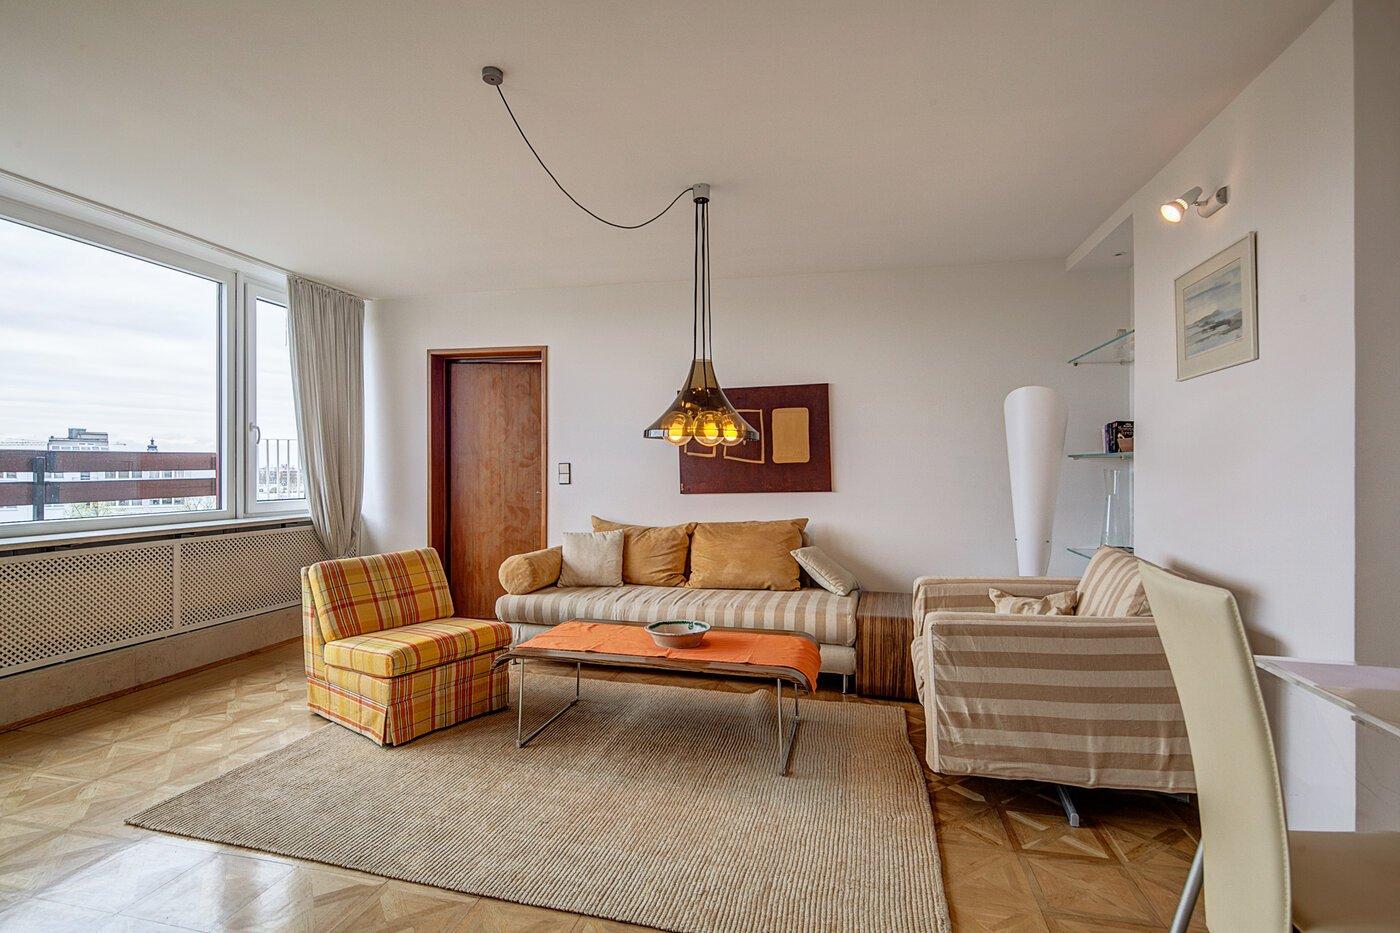 2 5 habitaciones tico con terraza amueblado pantalla plana m nich maxvorstadt 255. Black Bedroom Furniture Sets. Home Design Ideas